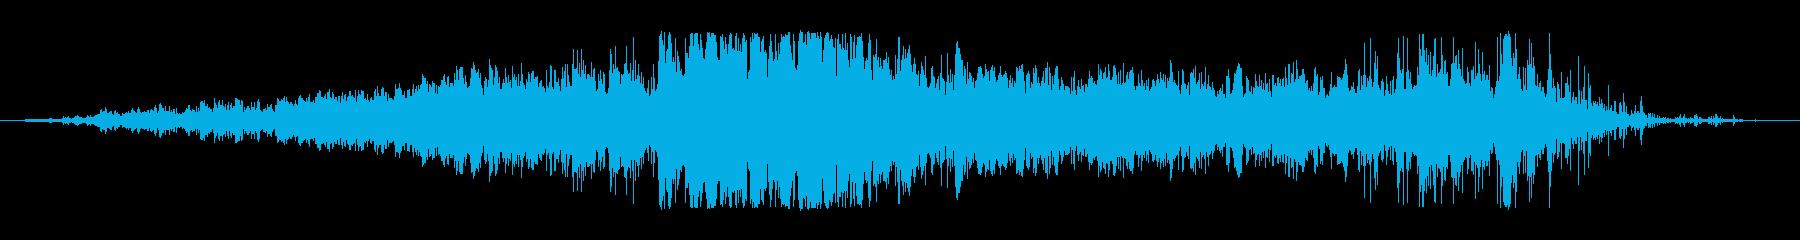 ウェーブビッグスウェルの再生済みの波形